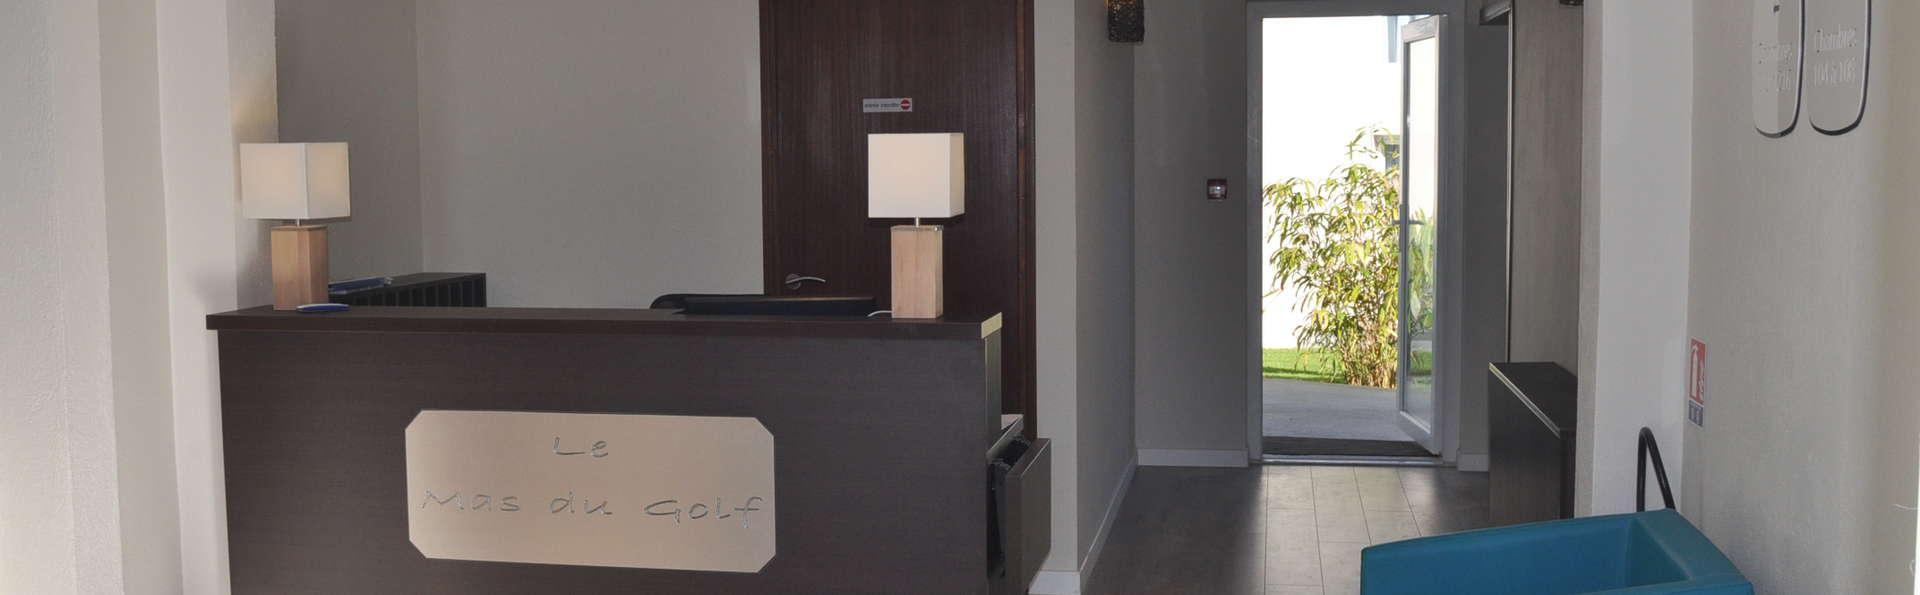 Hôtel Le Mas du Golf - Réception